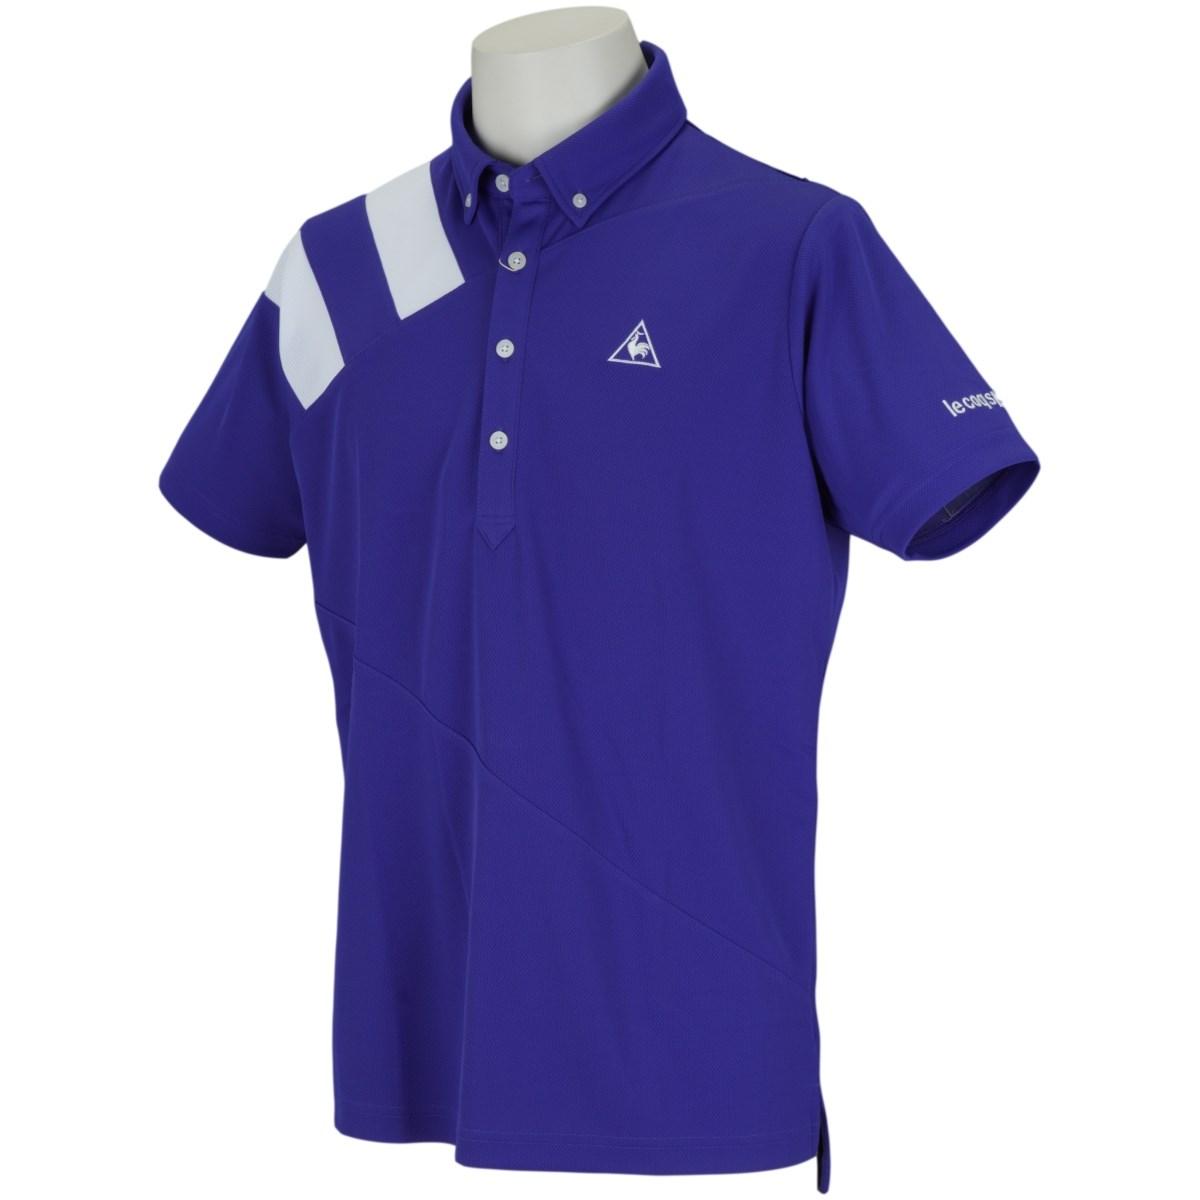 ルコックゴルフ Le coq sportif GOLF ボタンダウン半袖ポロシャツ M ブルー 00